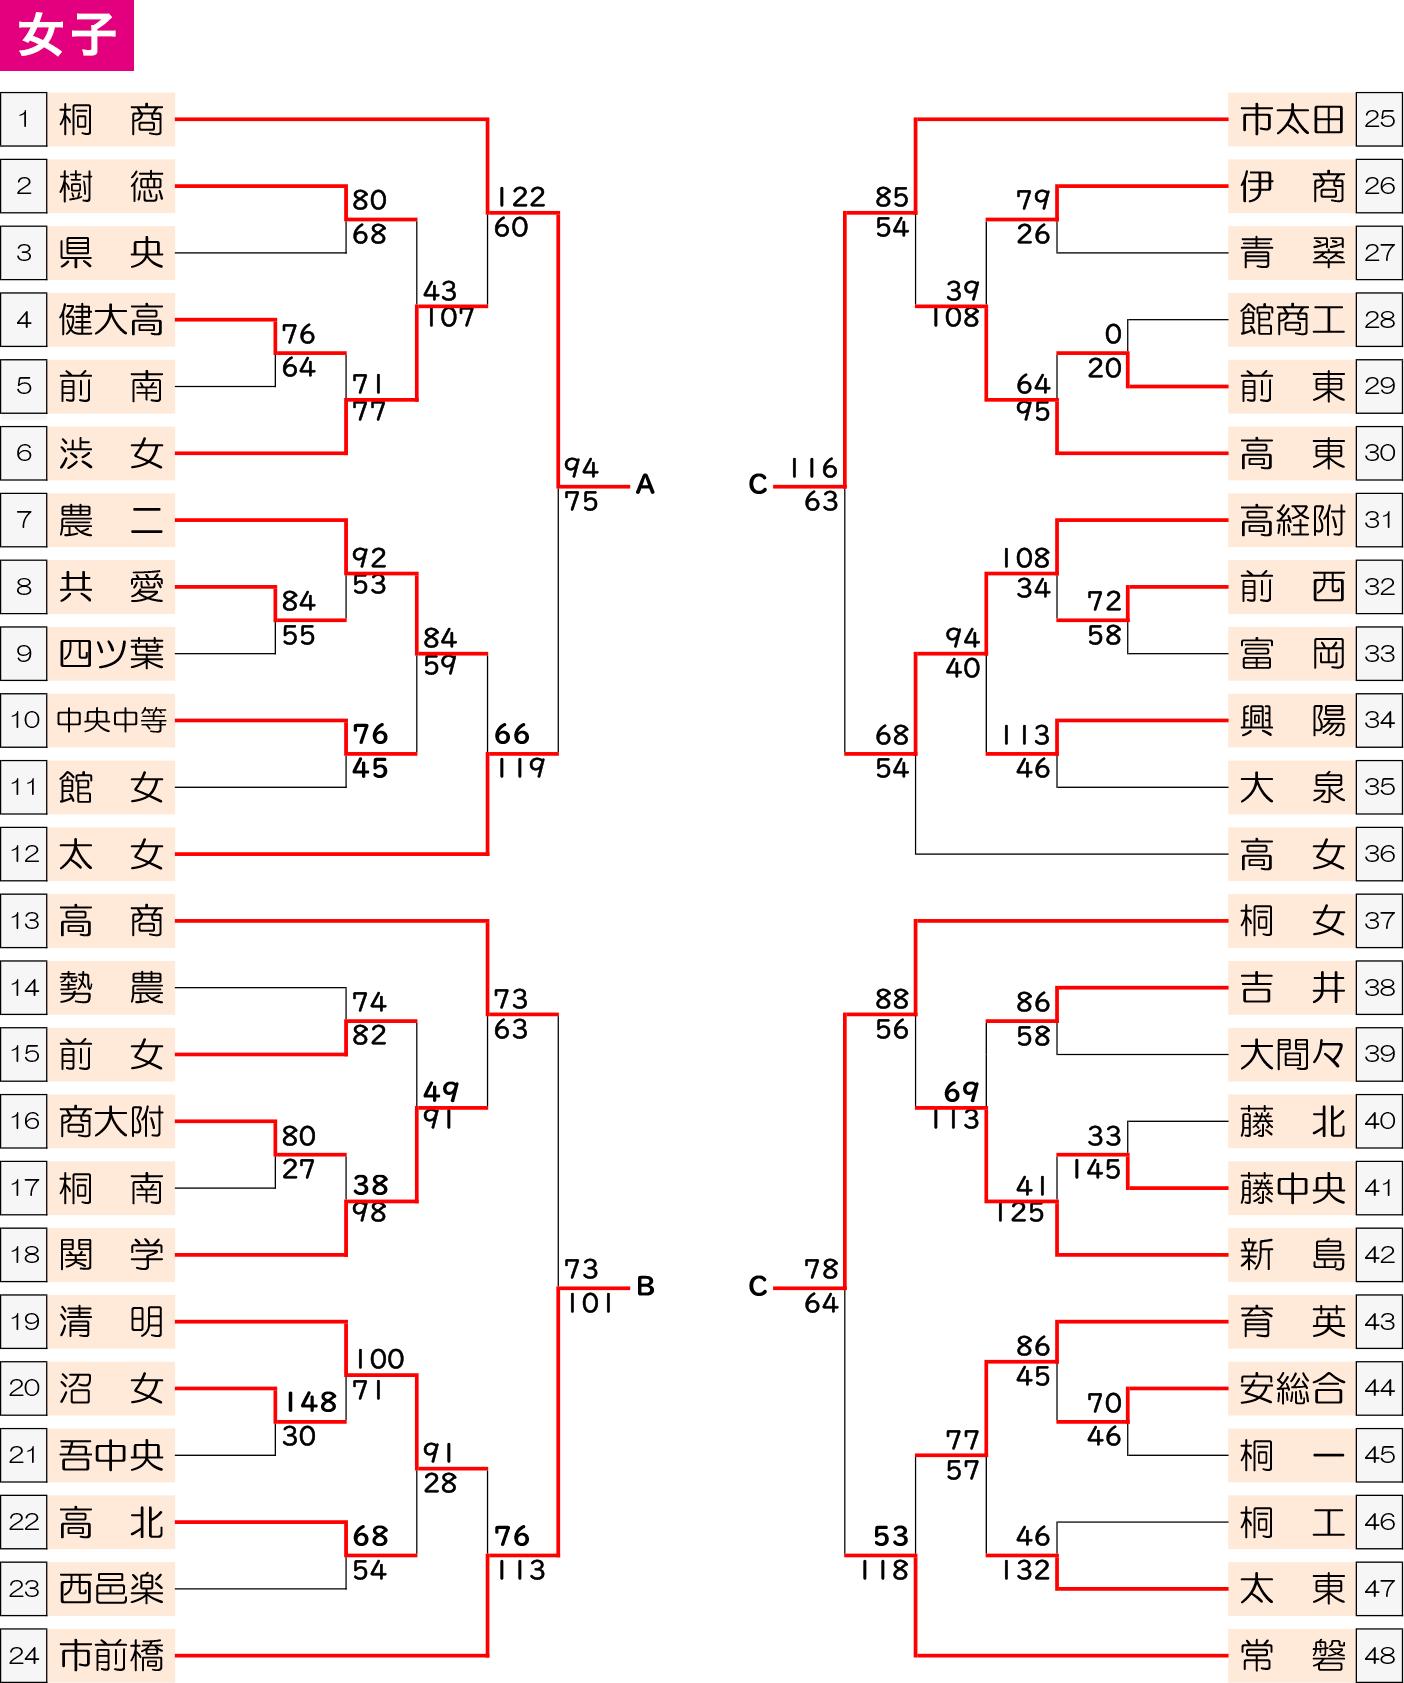 2019年度 群馬県高校新人大会 兼 第30回 関東高学校新人大会県予選会 - 大会結果 女子 トーナメント